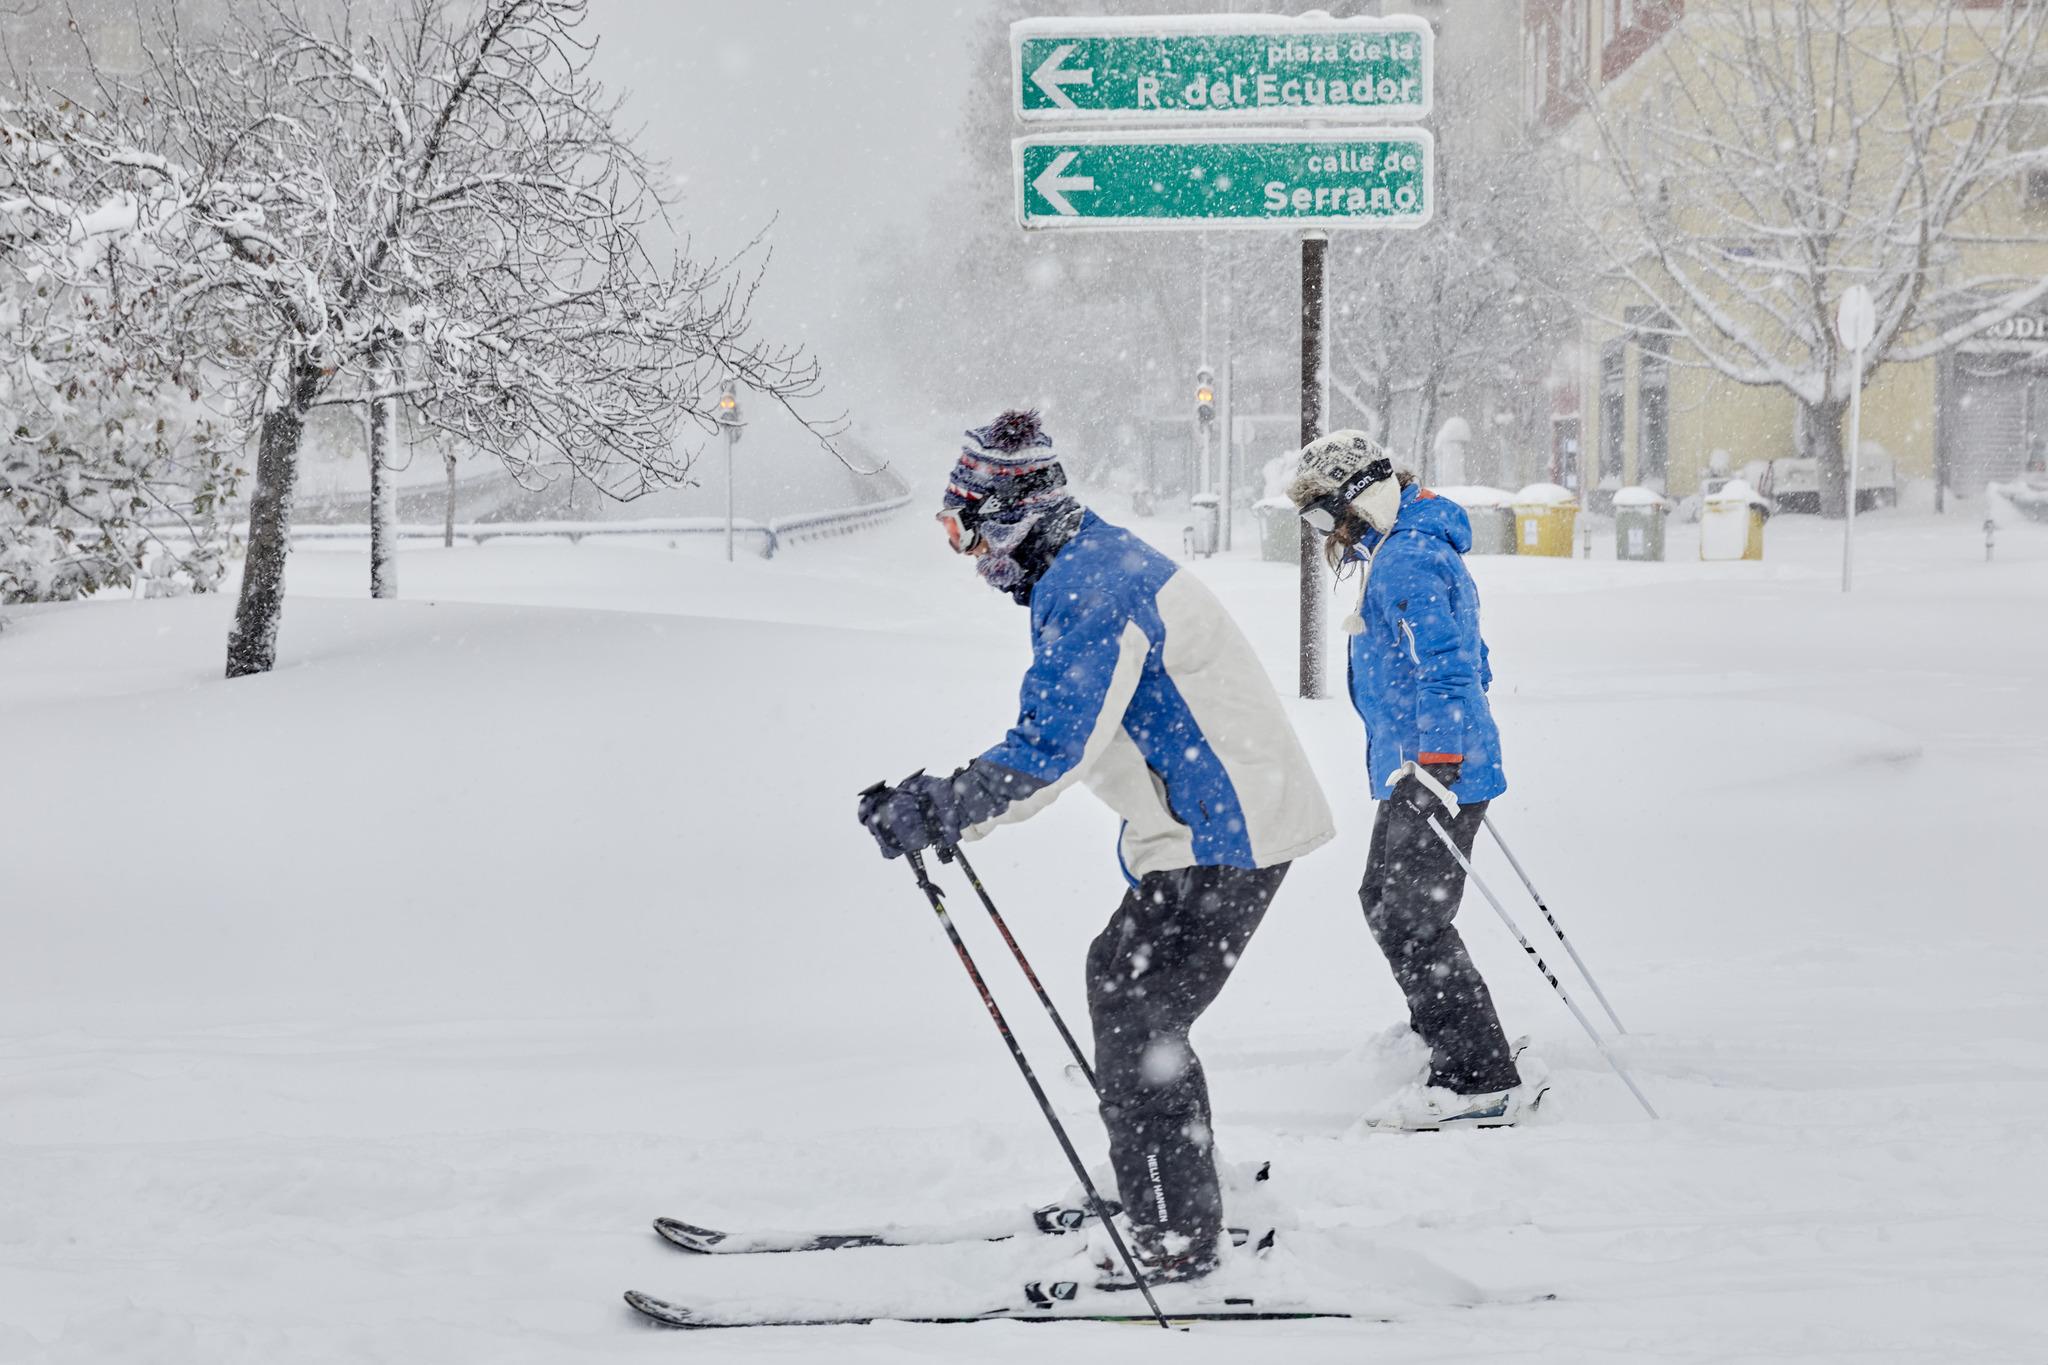 Dos personas 'esquían' en el centro de Madrid, donde la nieve ha alcanzado los 60 cm. de espesor.